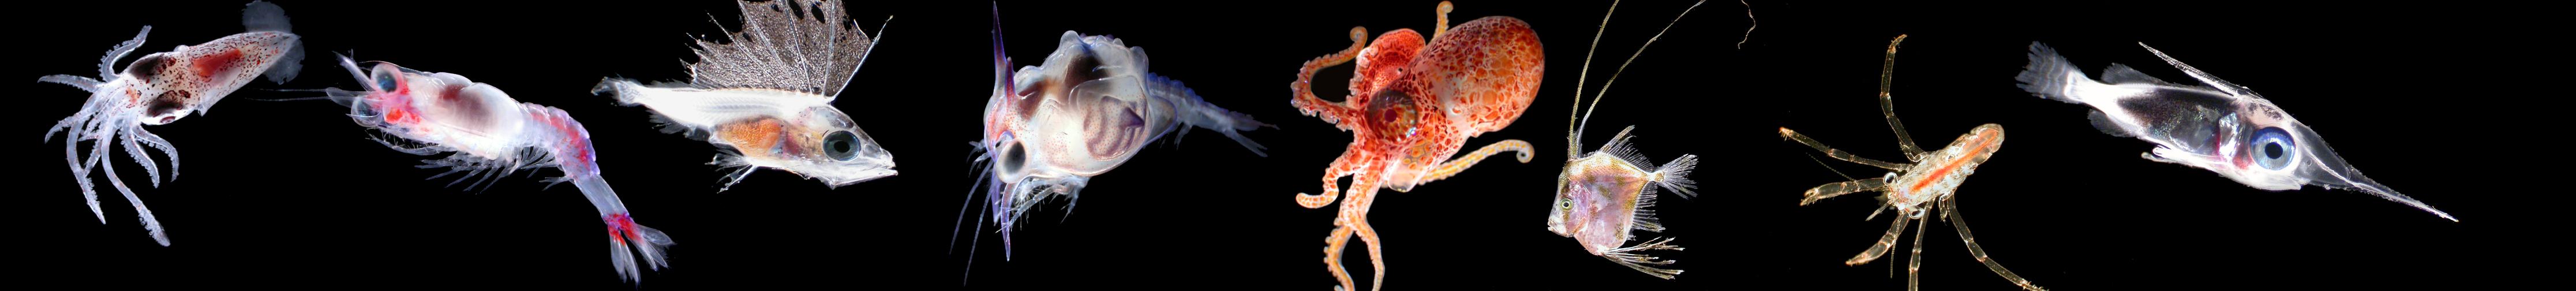 larval fish collage